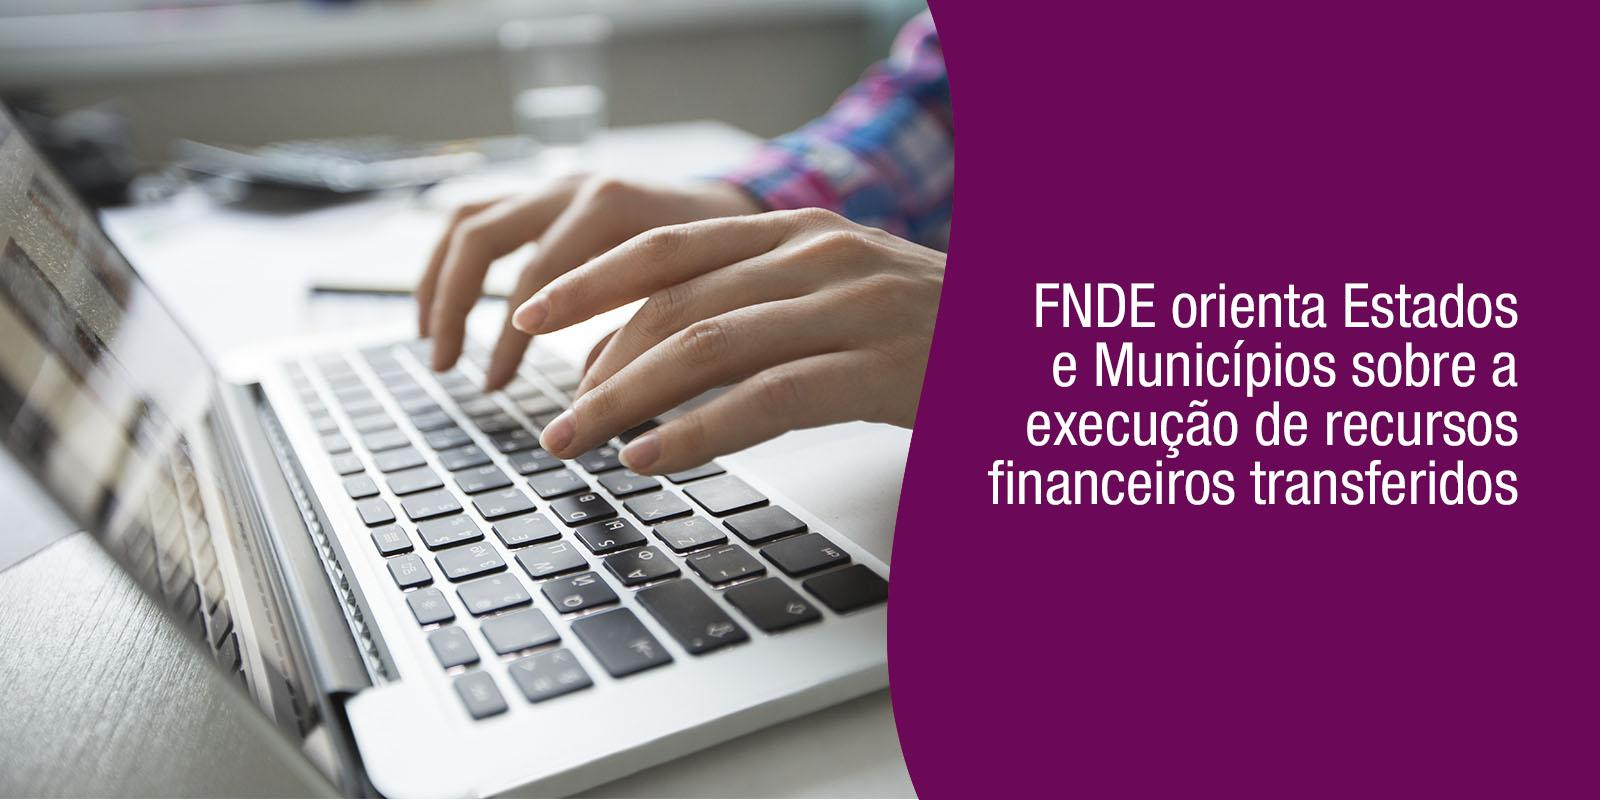 FNDE orienta Estados e Municípios sobre a execução de recursos financeiros transferidos